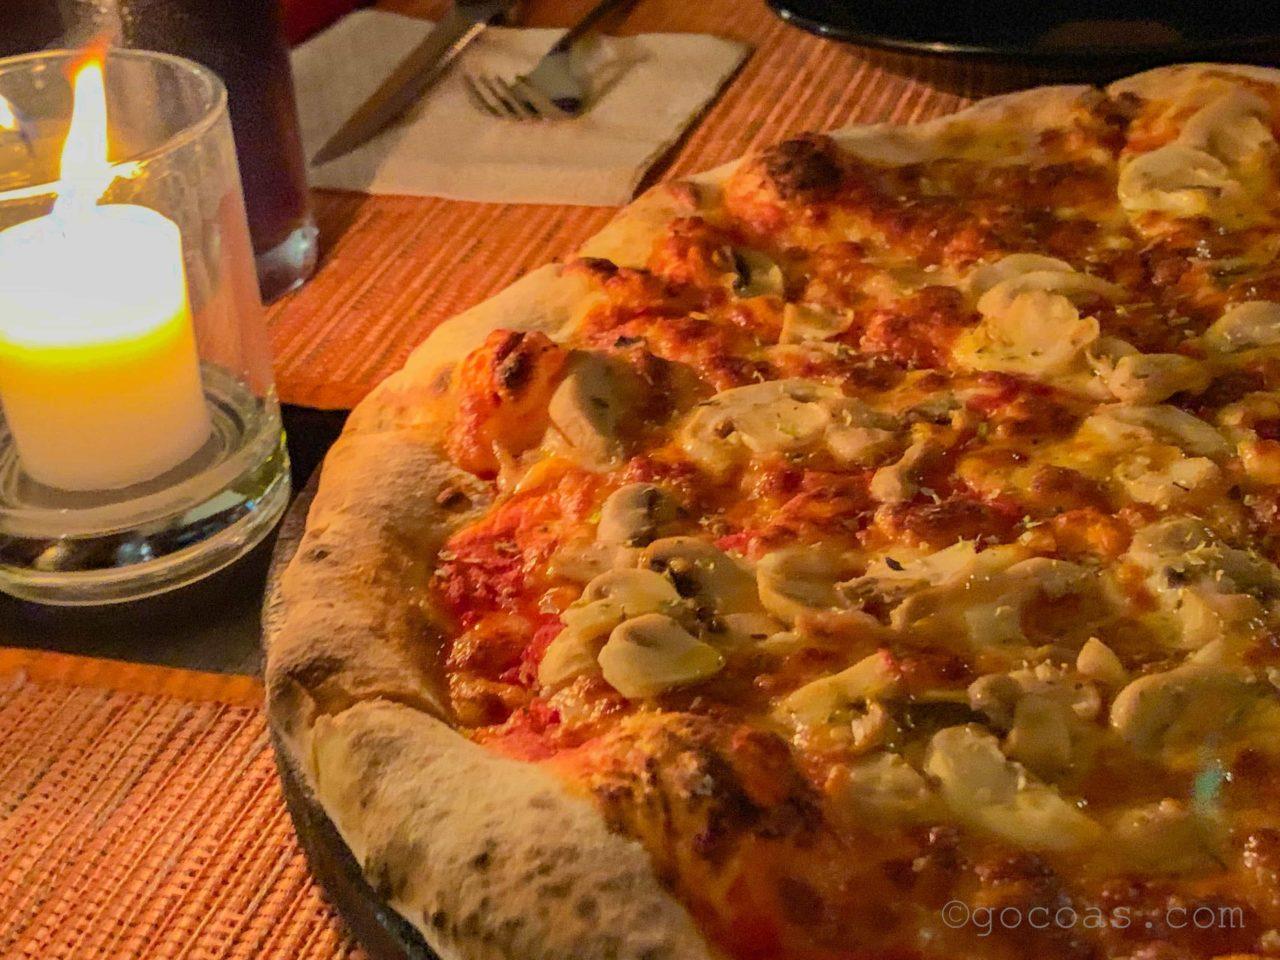 ALTROVEピザ